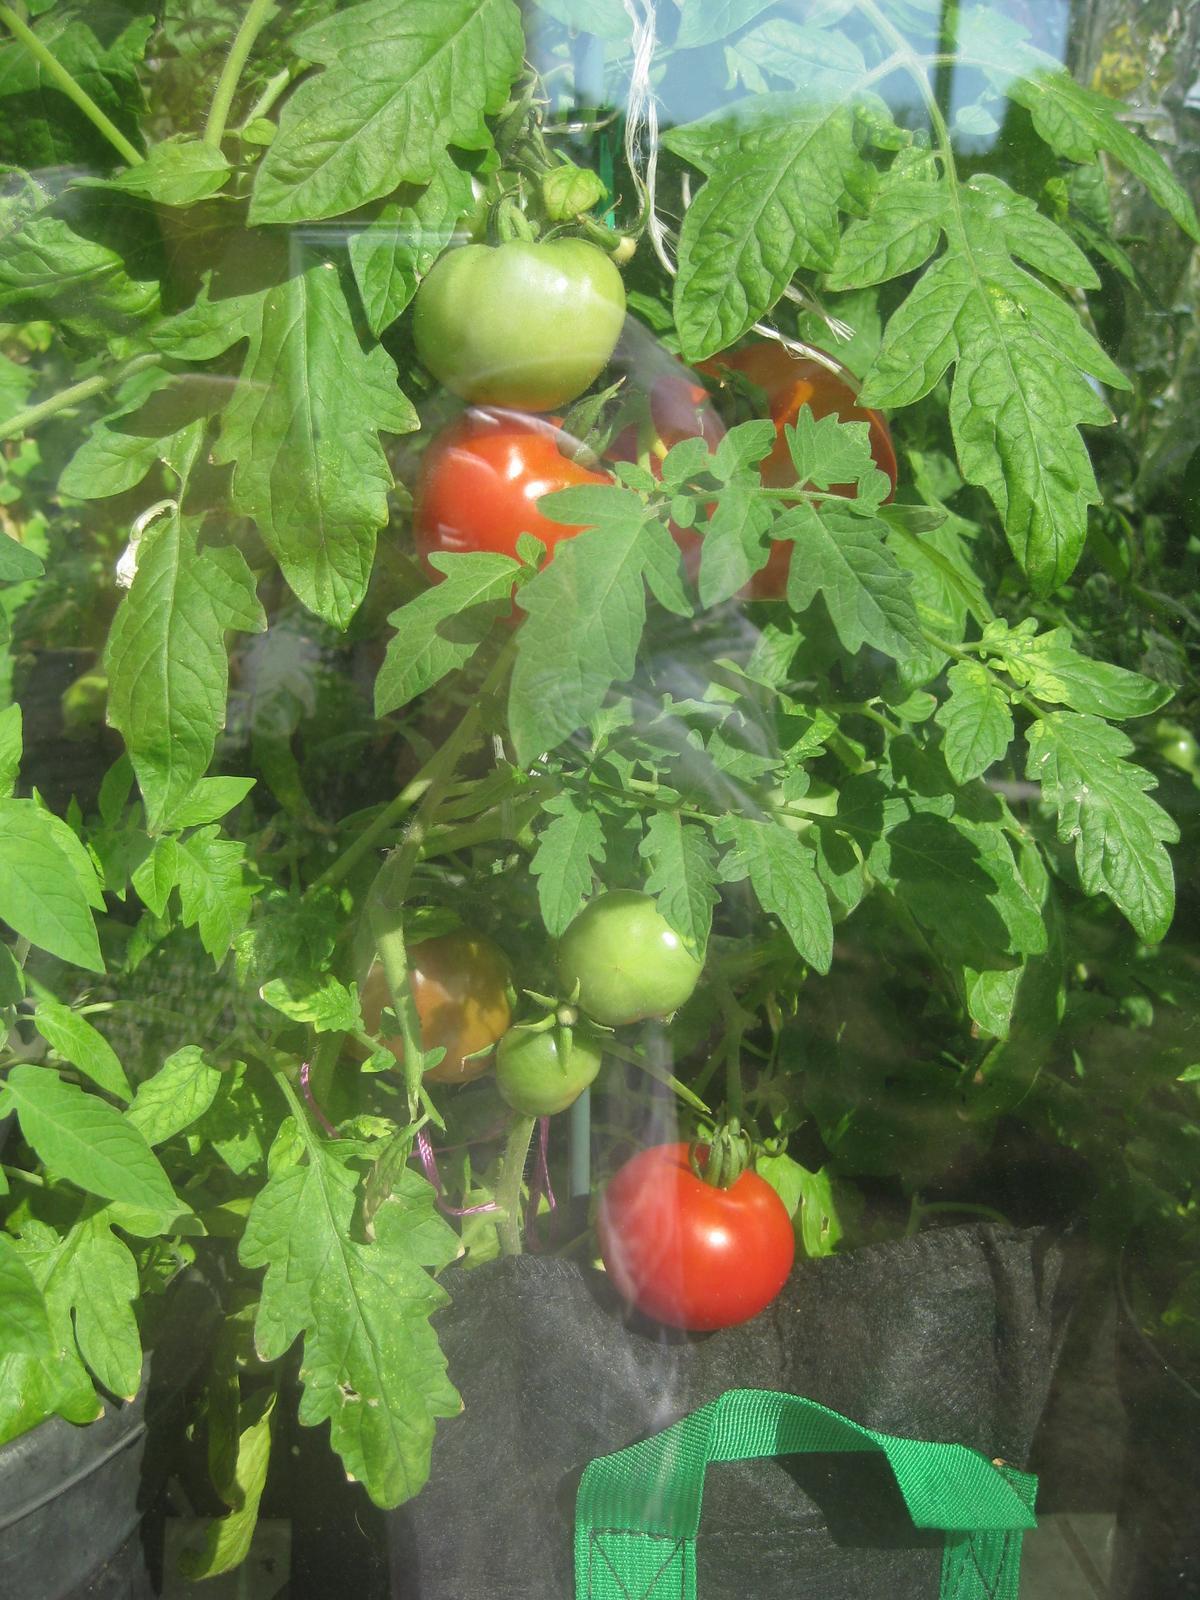 Včerajšie rajčinkovanie- oberačka, pikírovačka... - Obrázok č. 3